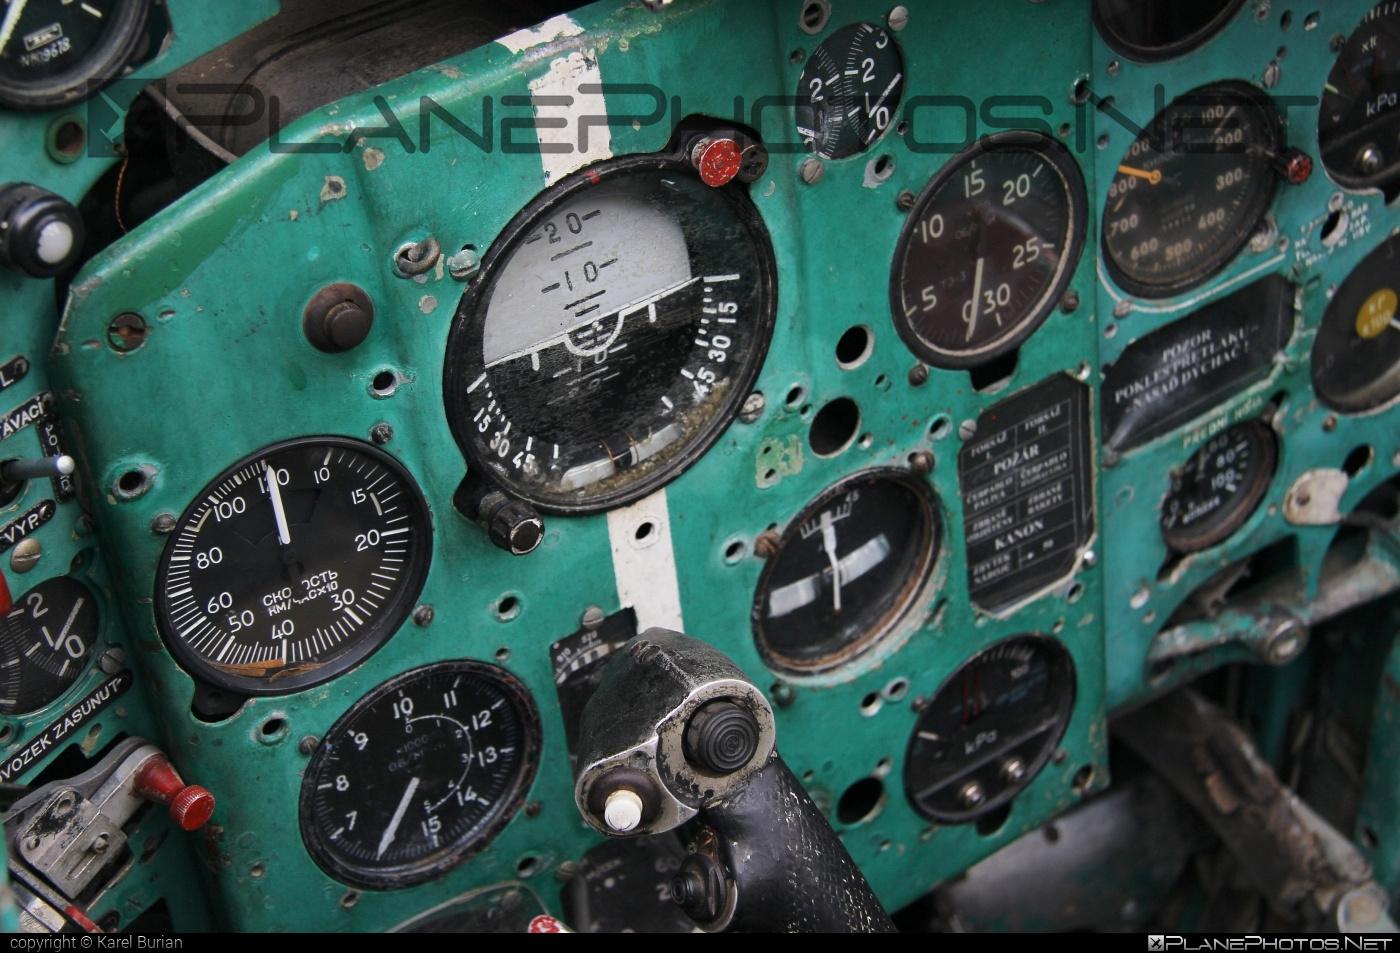 Mikoyan-Gurevich MiG-21MA - 1207 operated by Vzdušné síly AČR (Czech Air Force) #czechairforce #mig #mig21 #mig21ma #mikoyangurevich #vzdusnesilyacr